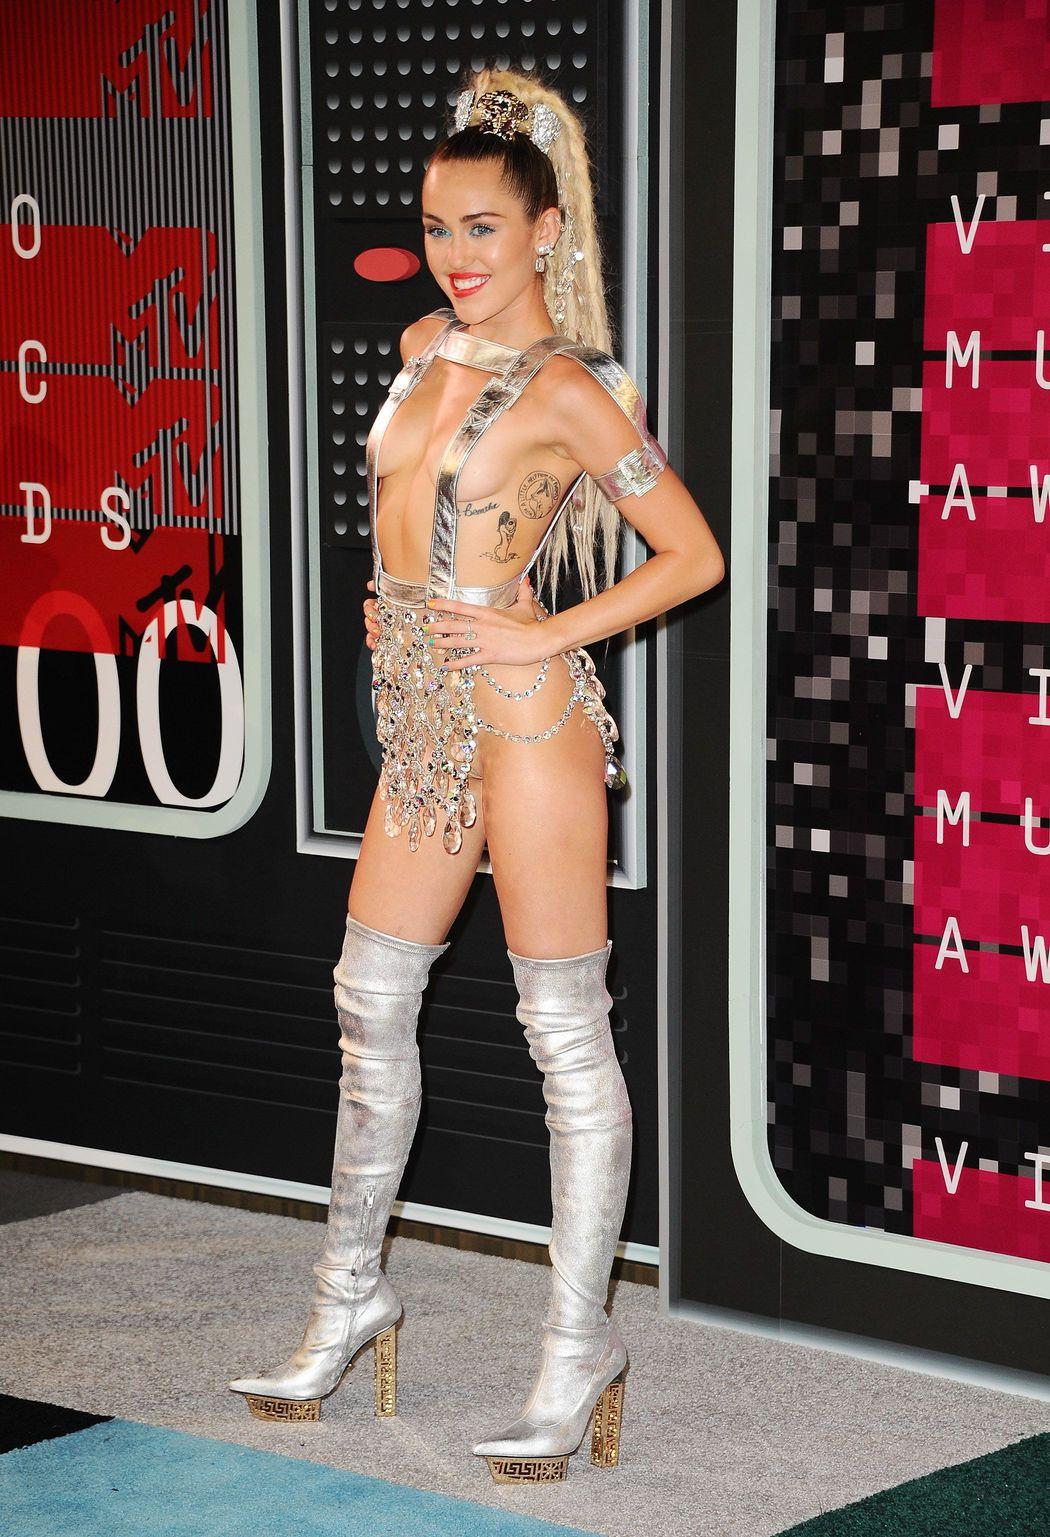 Miley-Cyrus-Sexy-60